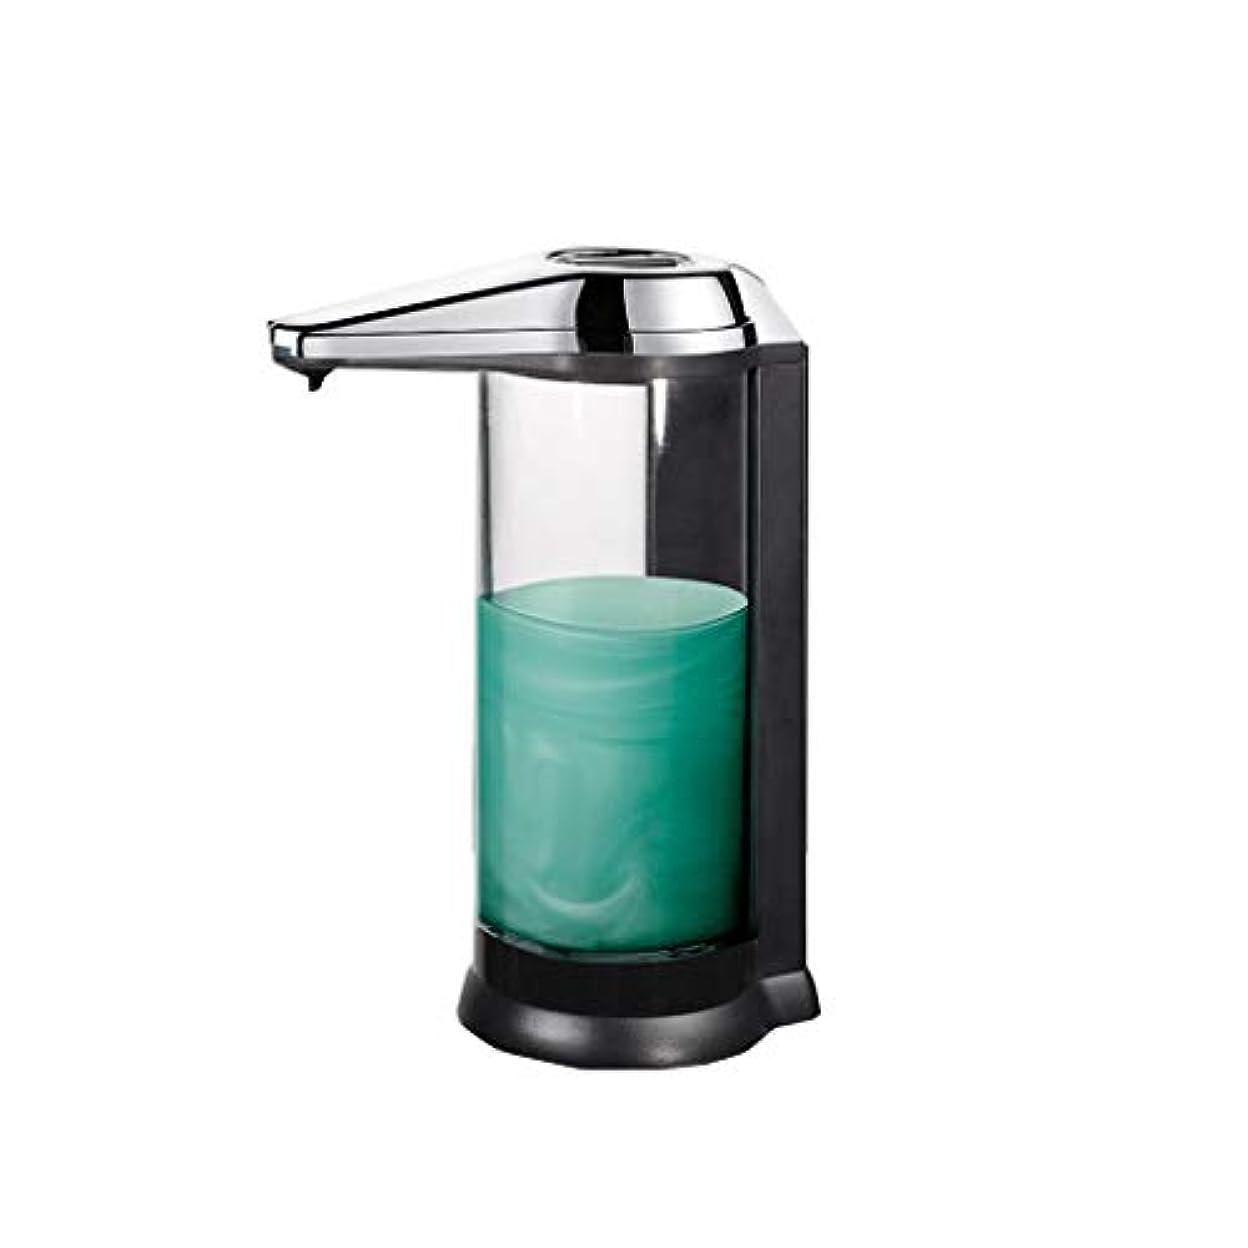 キー蛾リングバックせっけん ソープディスペンサー自動ソープディスペンサー赤外線モーションセンサー液体ディスペンサー防水リークプルーフ非接触石鹸子供、キッチン、バスルームに適して 新しい